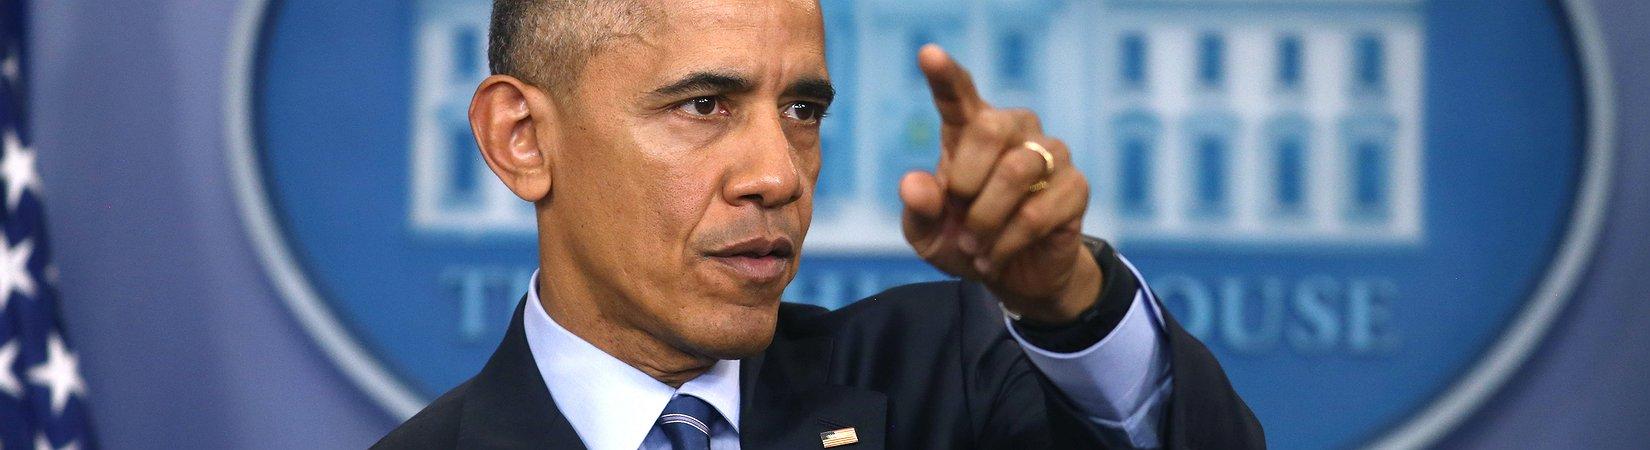 EE.UU. impone nuevas sanciones contra Rusia en relación con los ataques cibernéticos